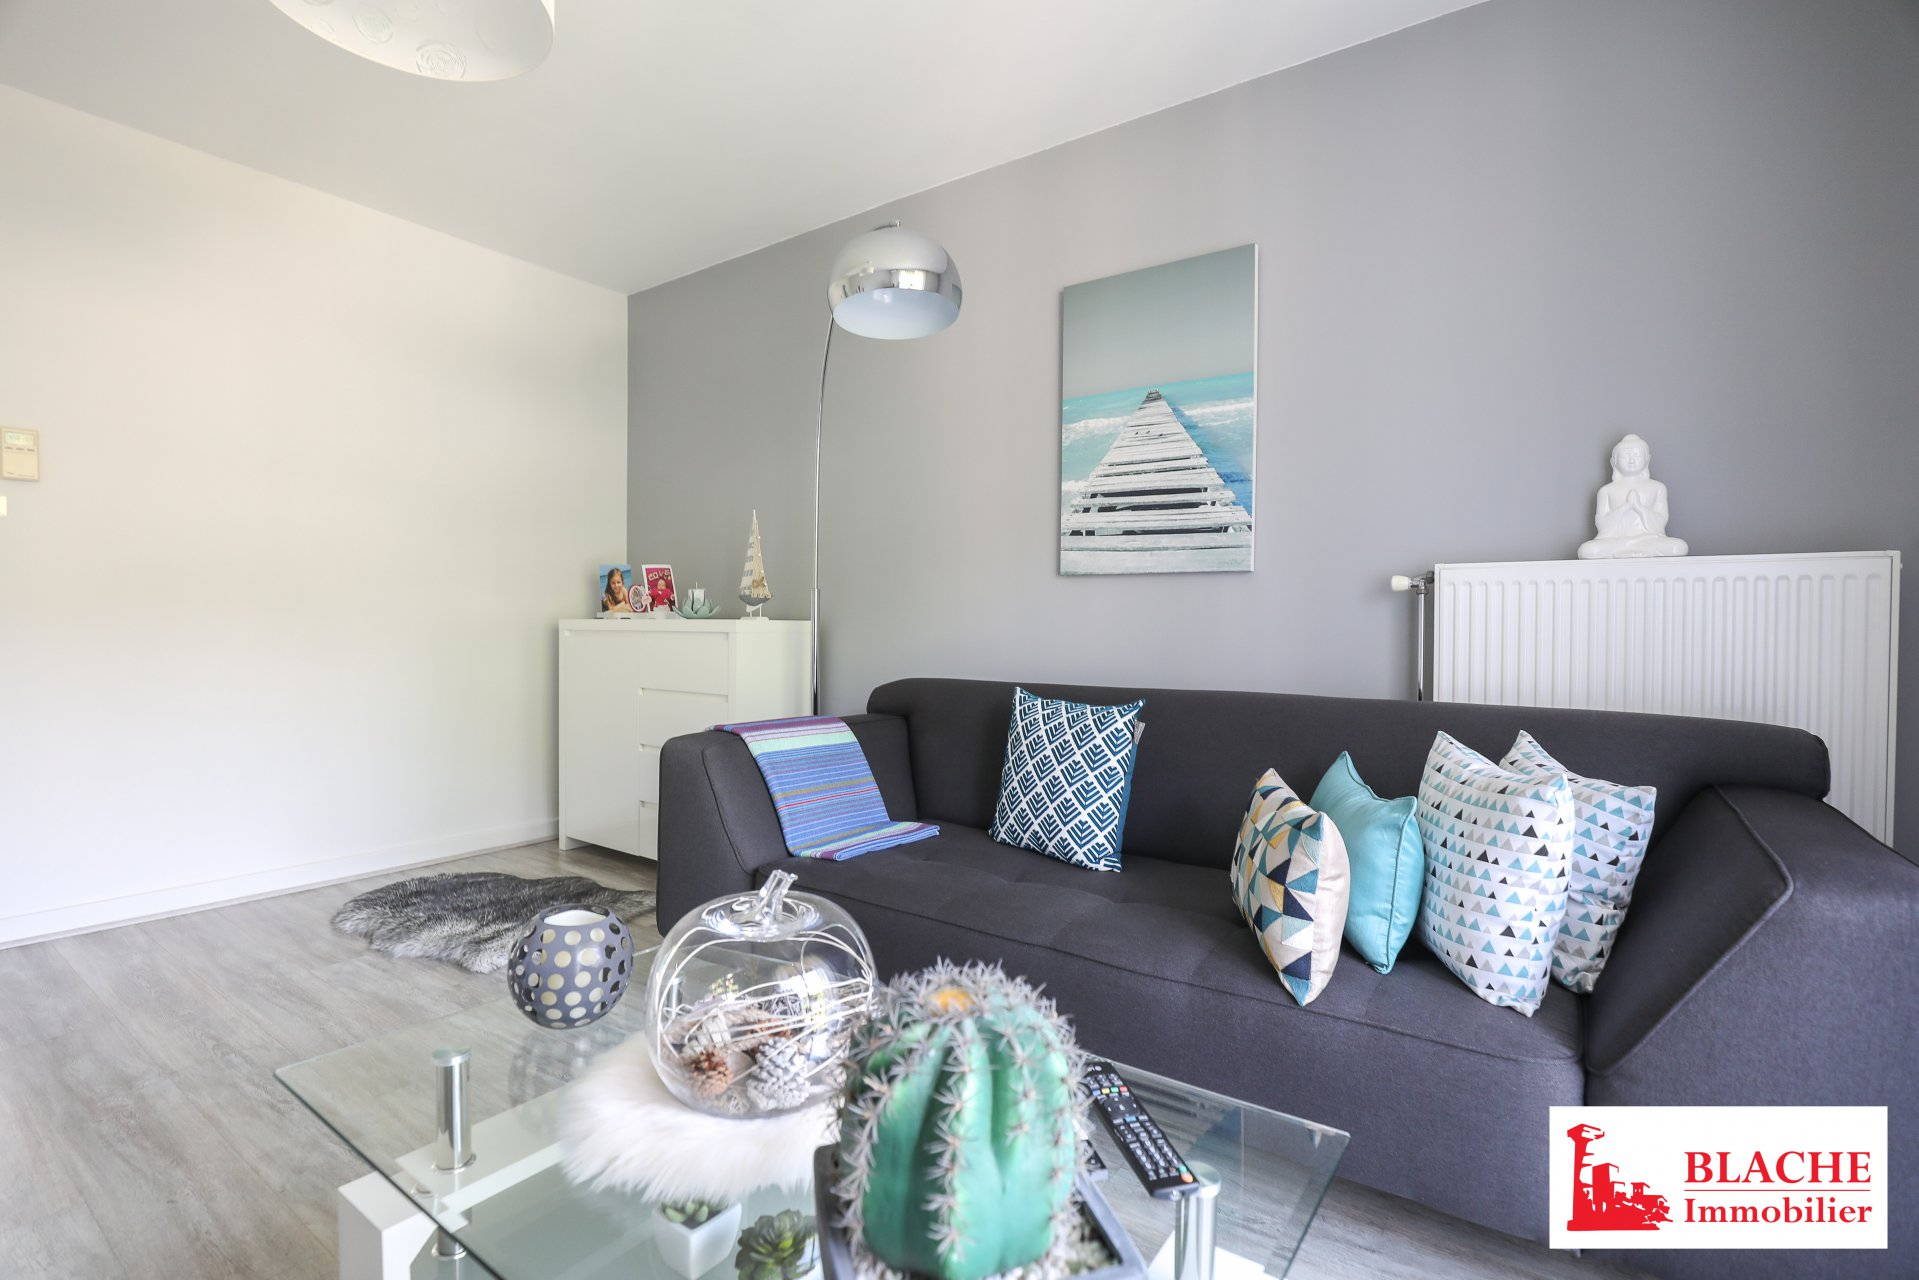 Vente Appartement - La Voulte-sur-Rhône